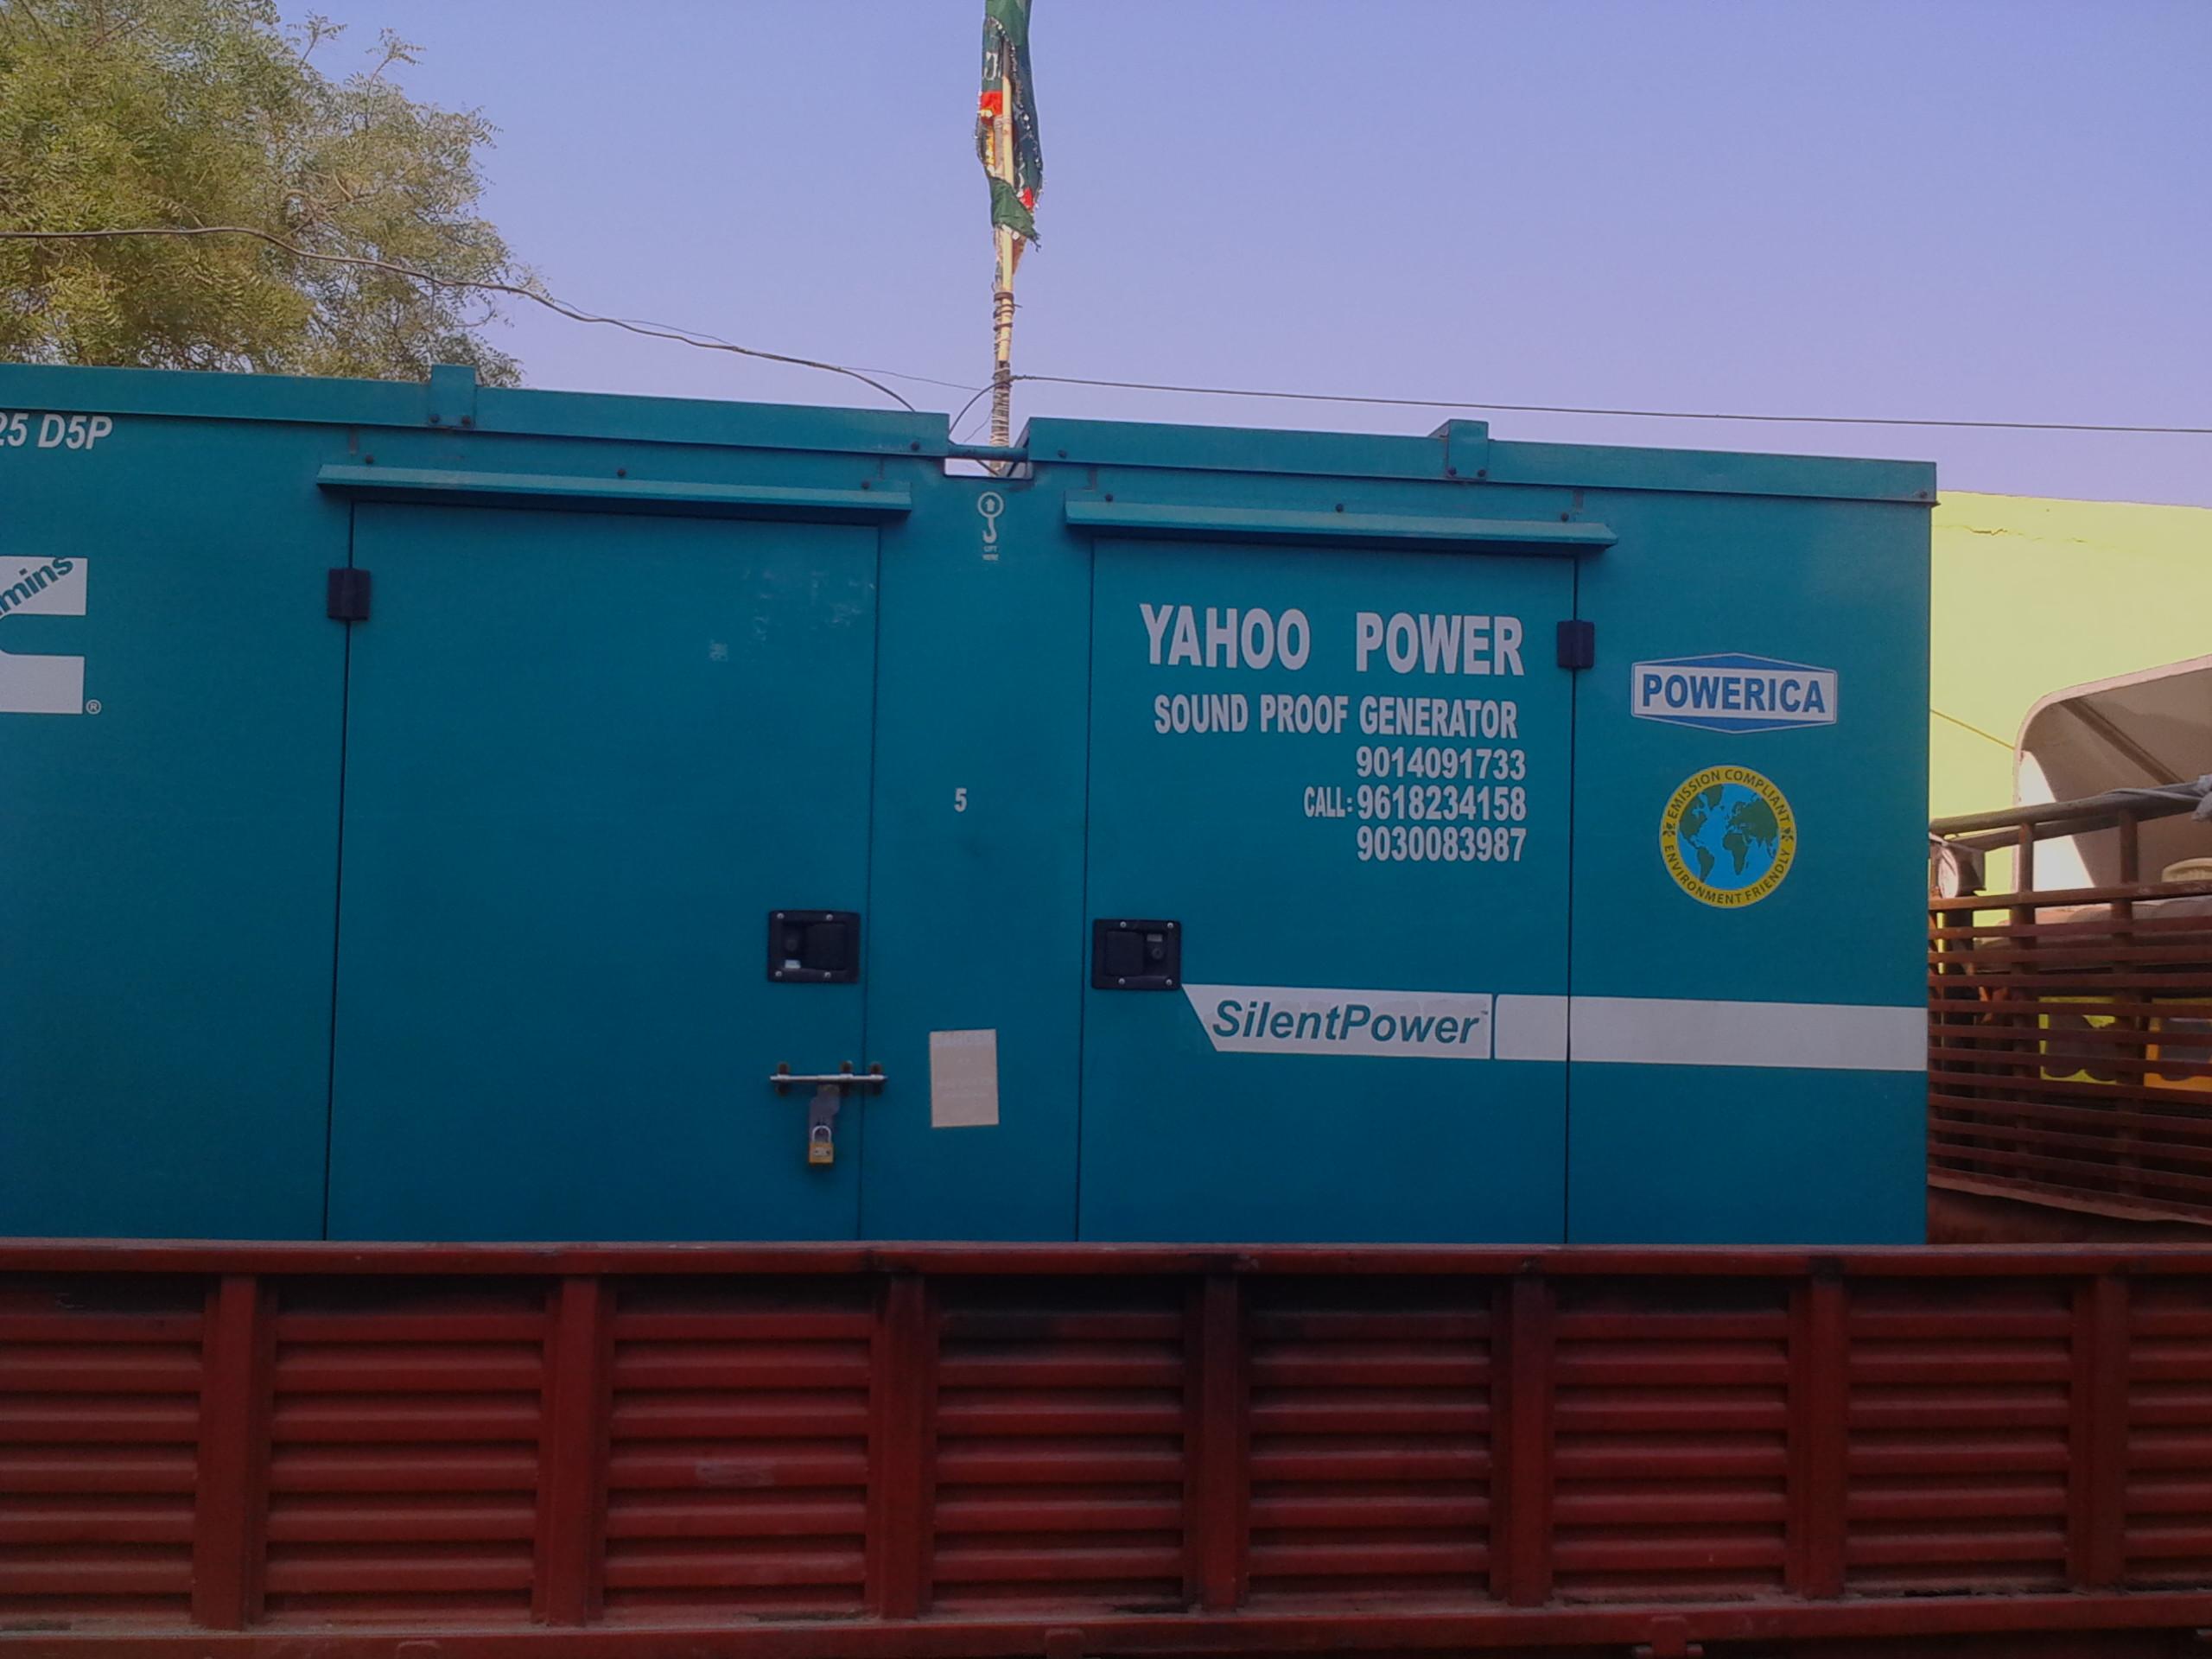 Yahoo Power